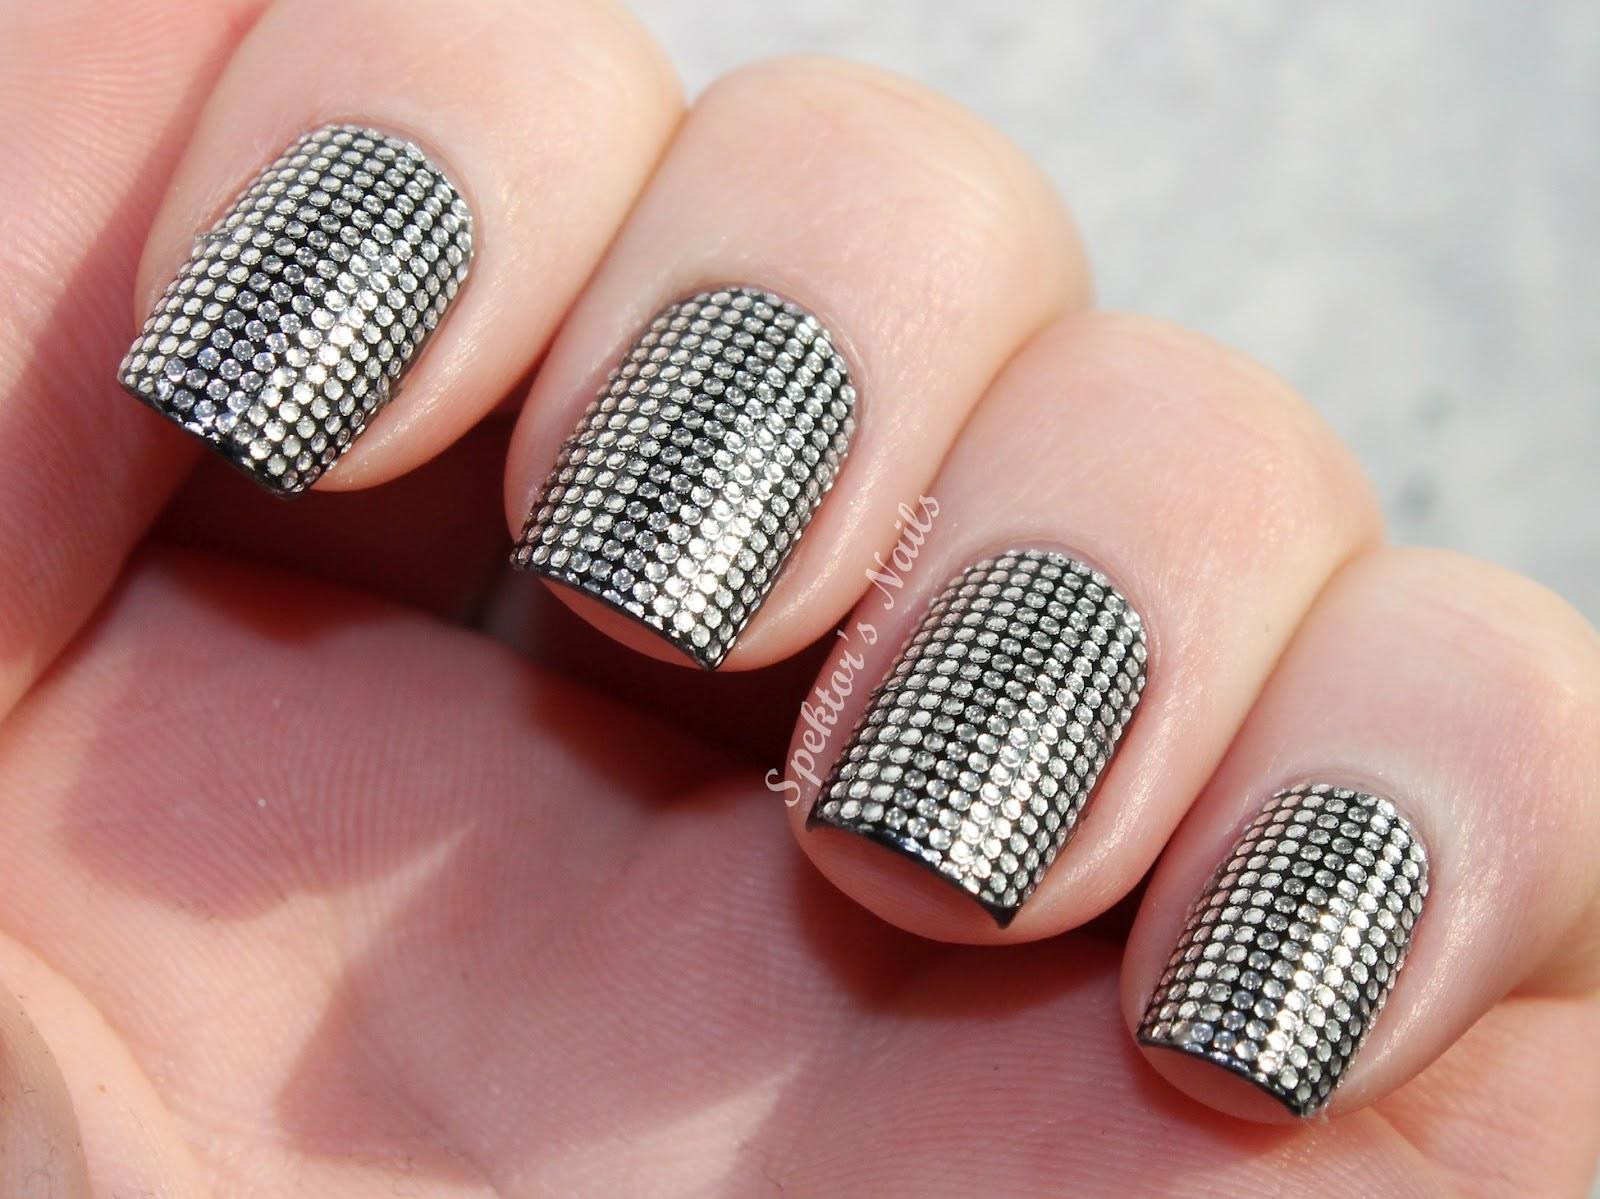 Foto: Putar / Spektor's Nails